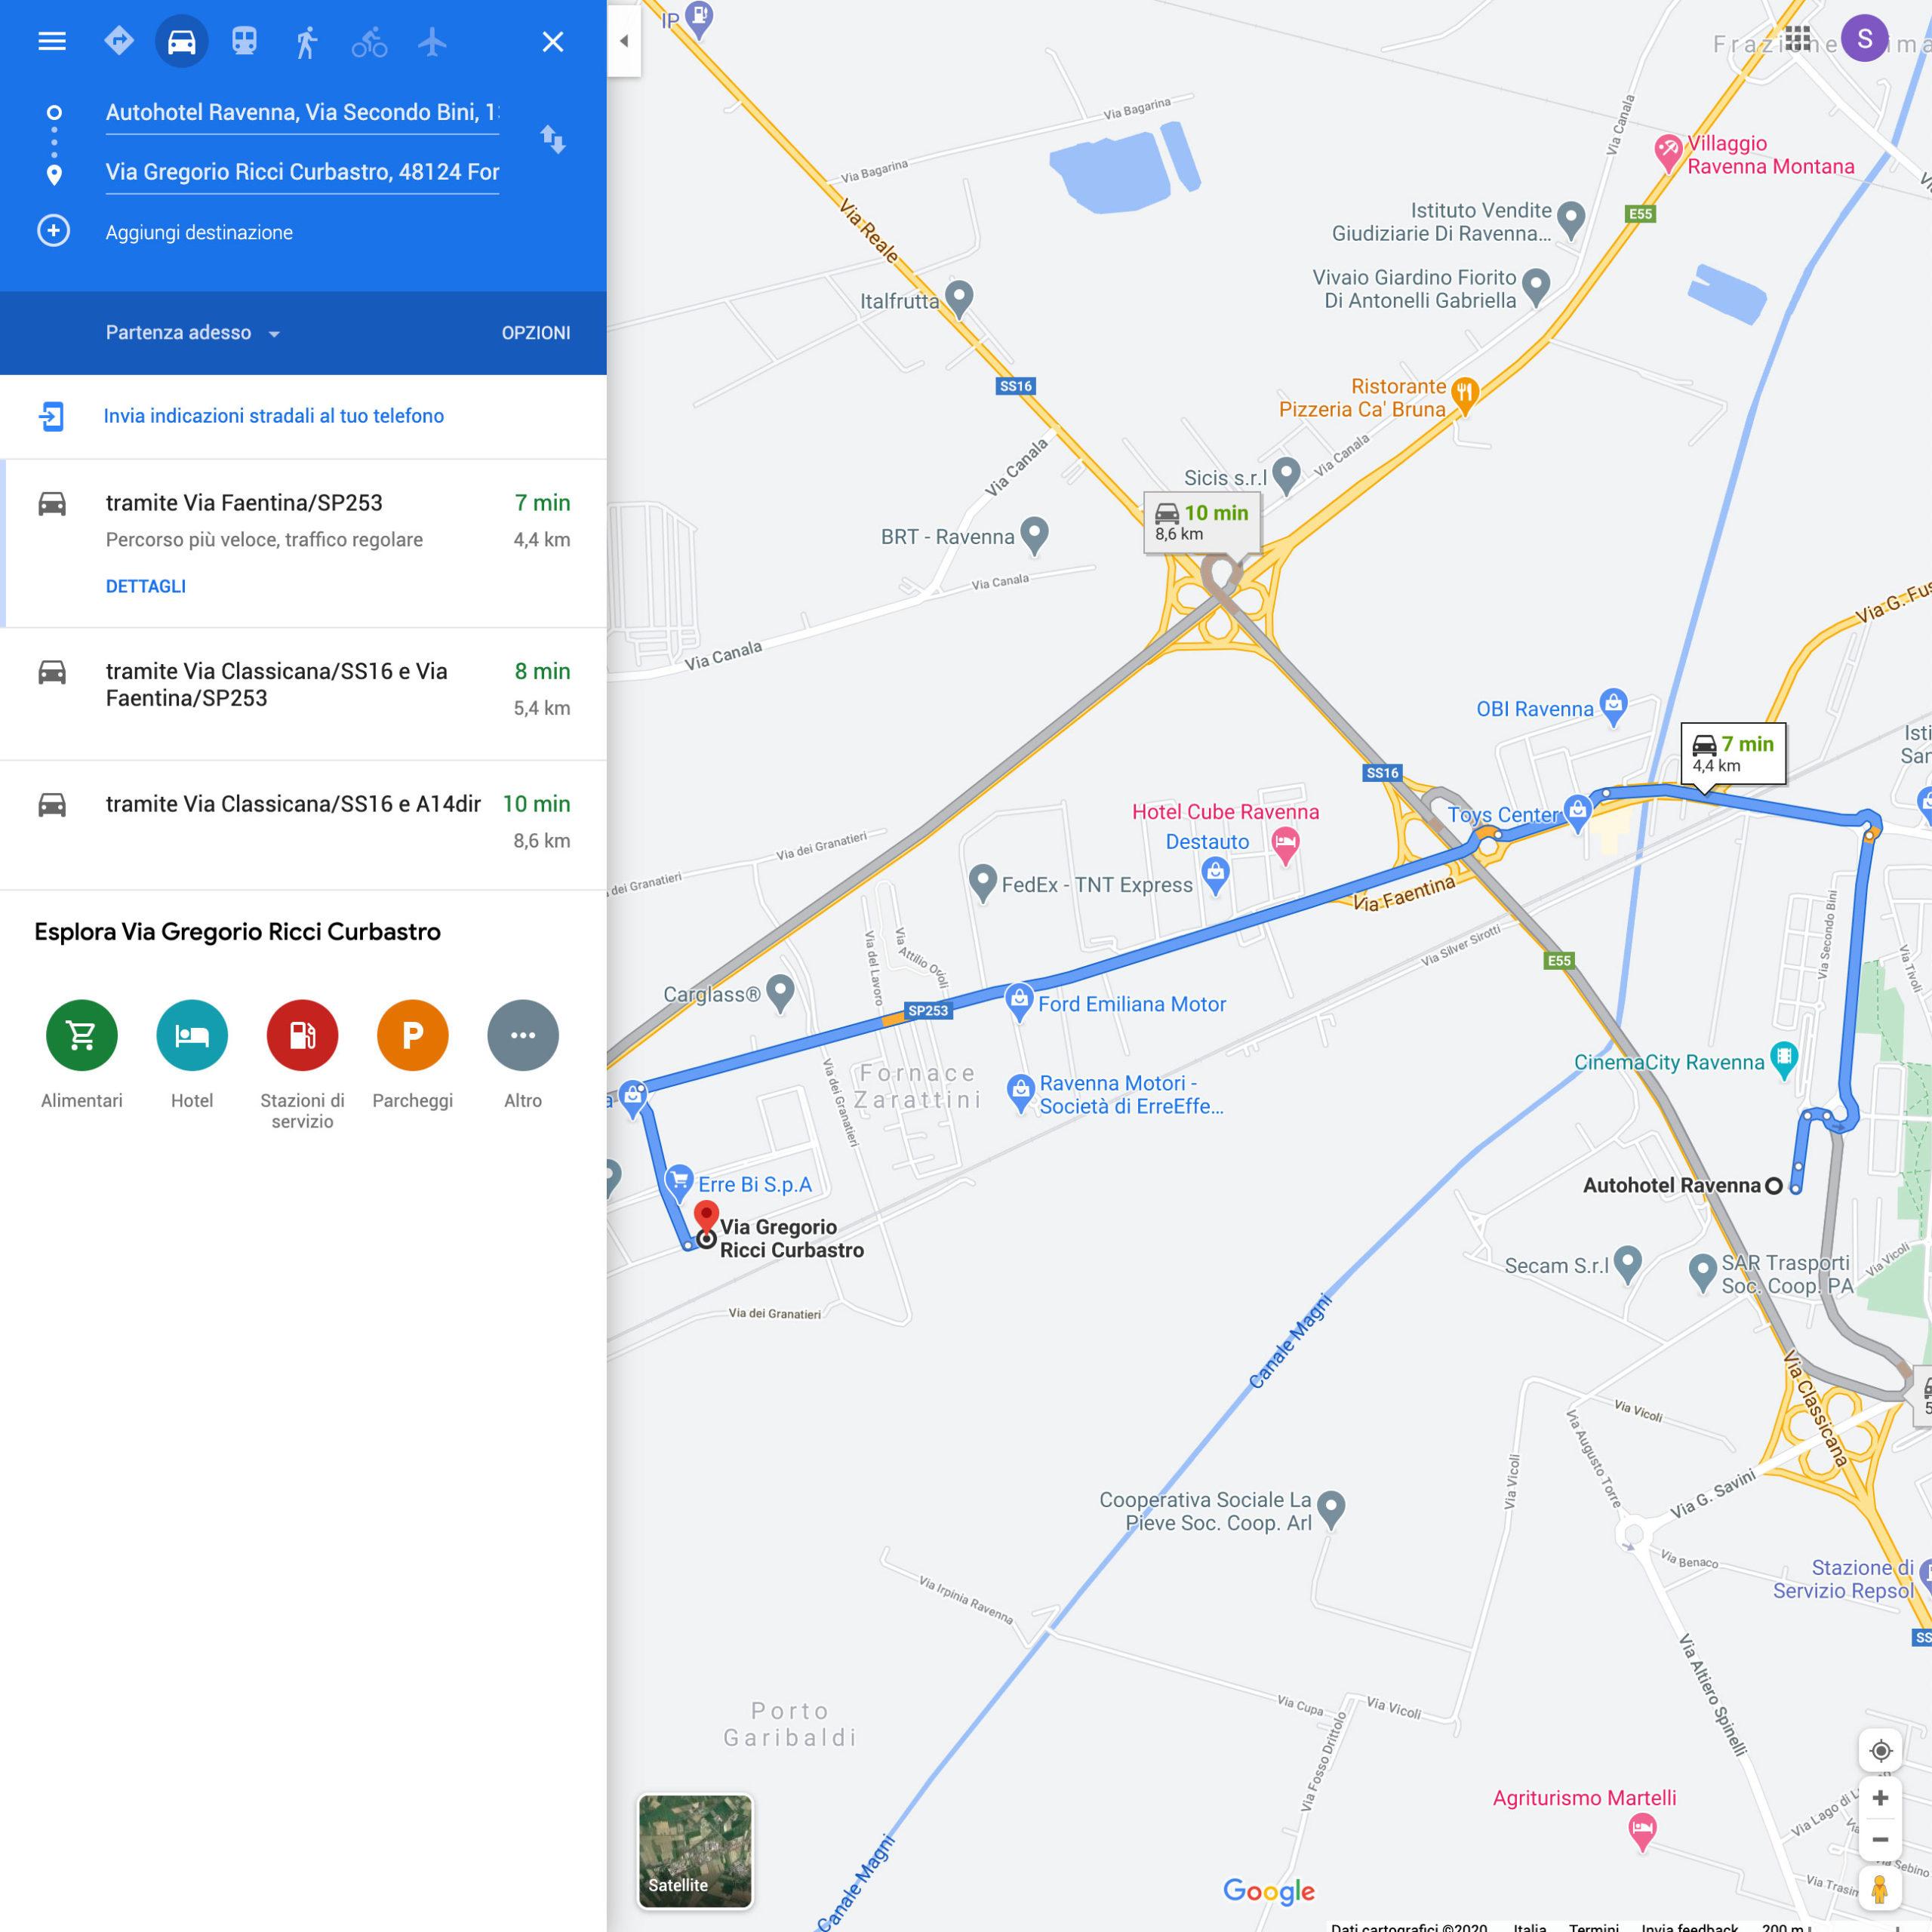 Autohotel Ravenna è a pochi minuti dal DRIFT 2.0